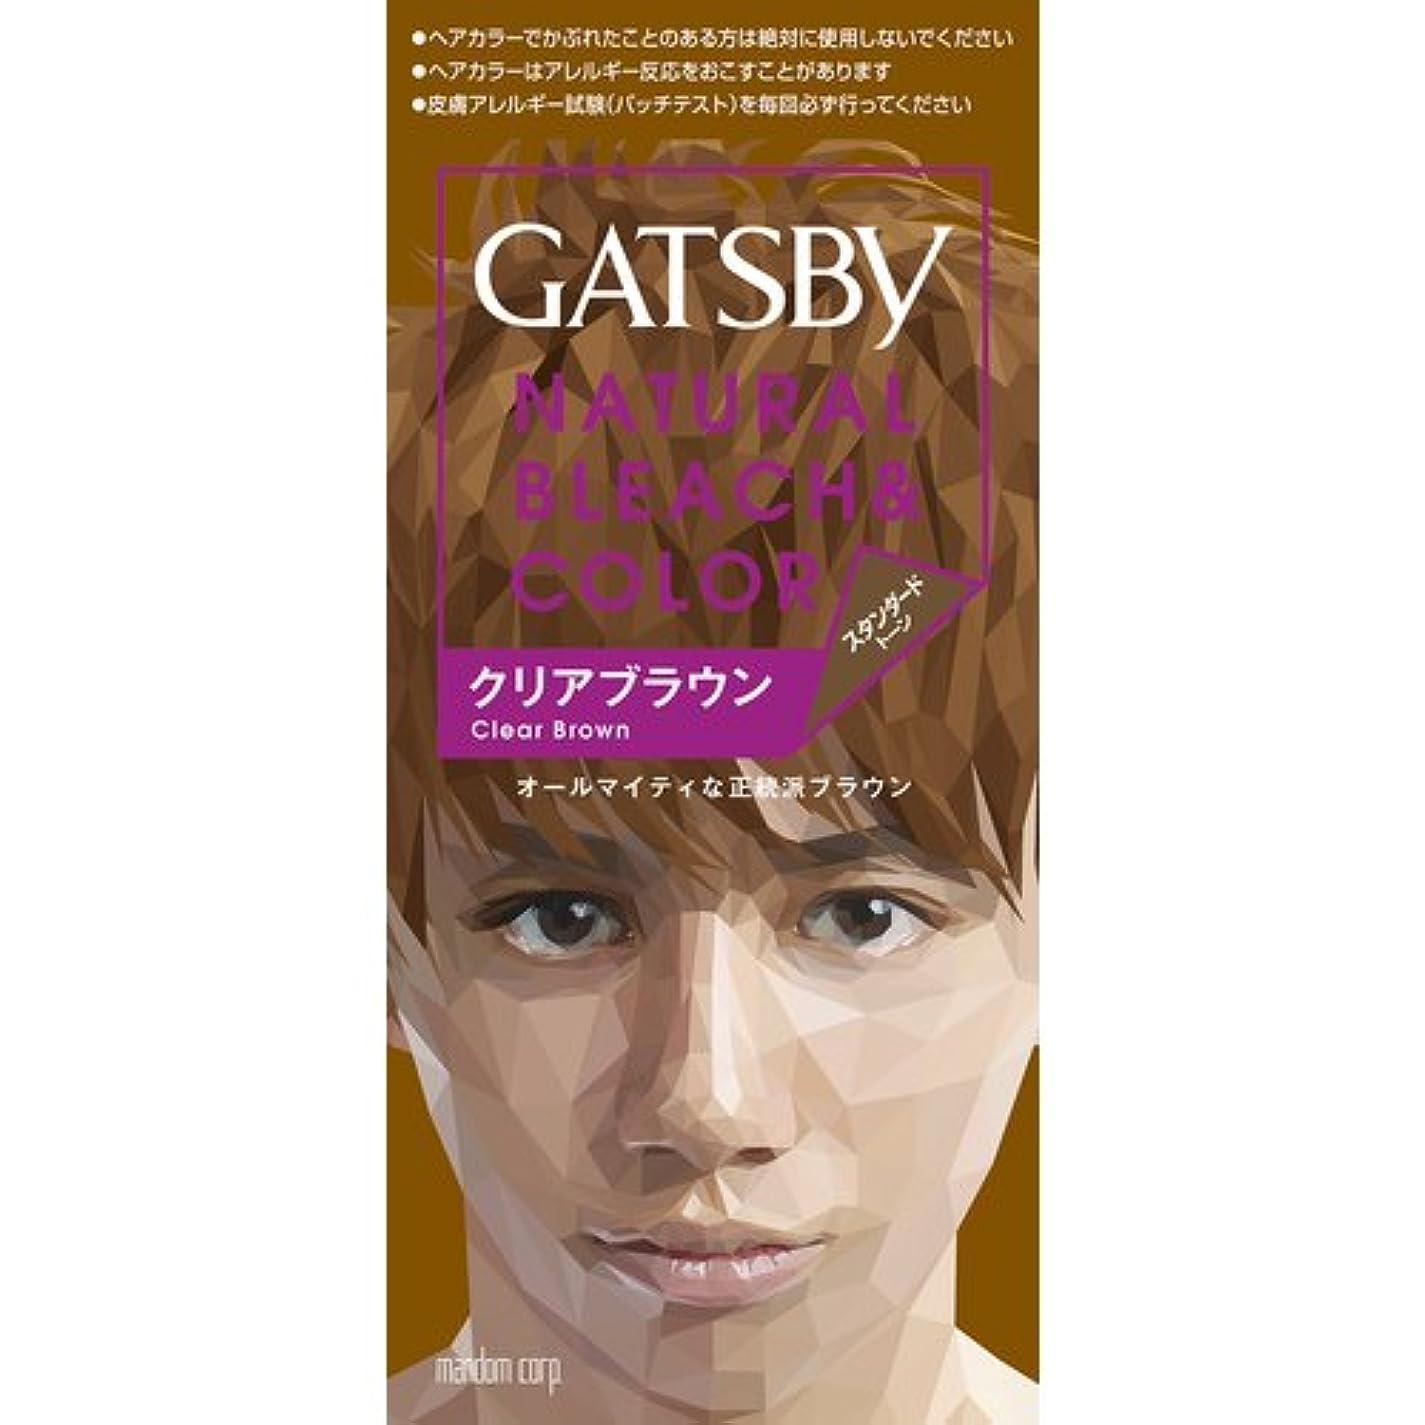 モーター局発生ギャツビー(GATSBY) ナチュラルブリーチカラー クリアブラウン 35g+70ml [医薬部外品]